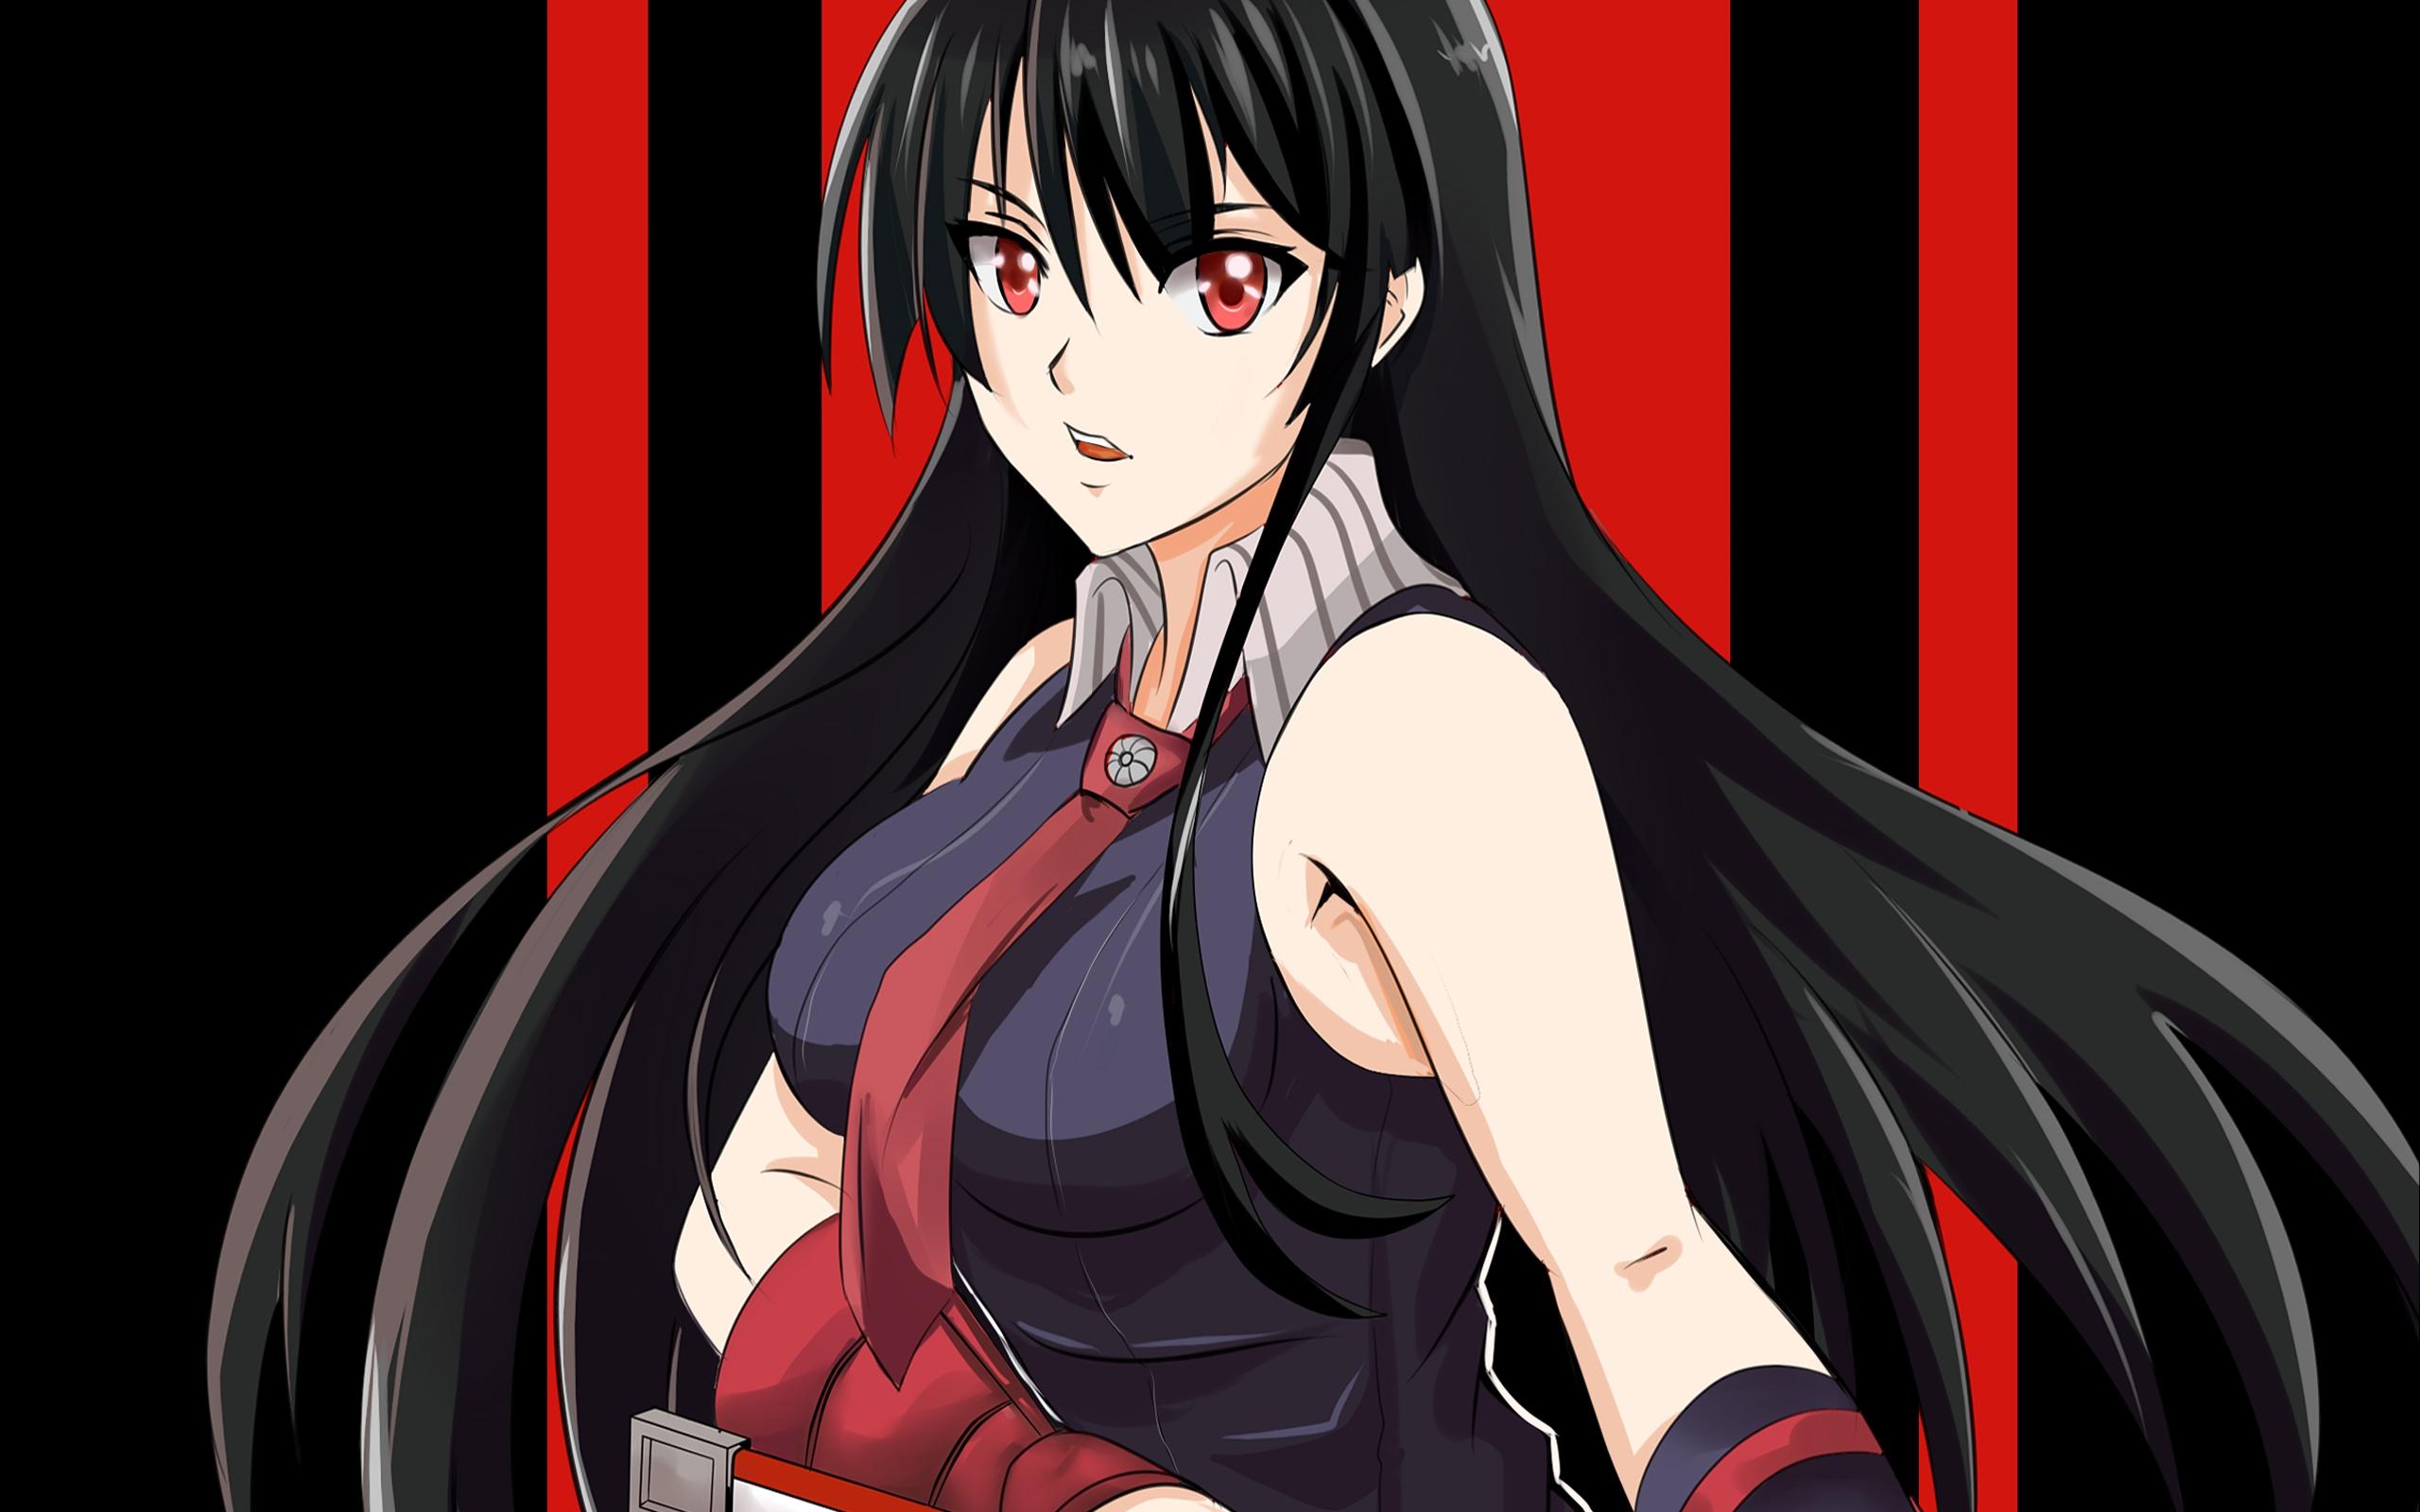 Fondos de pantalla Anime Akame de Akame ga Kill!